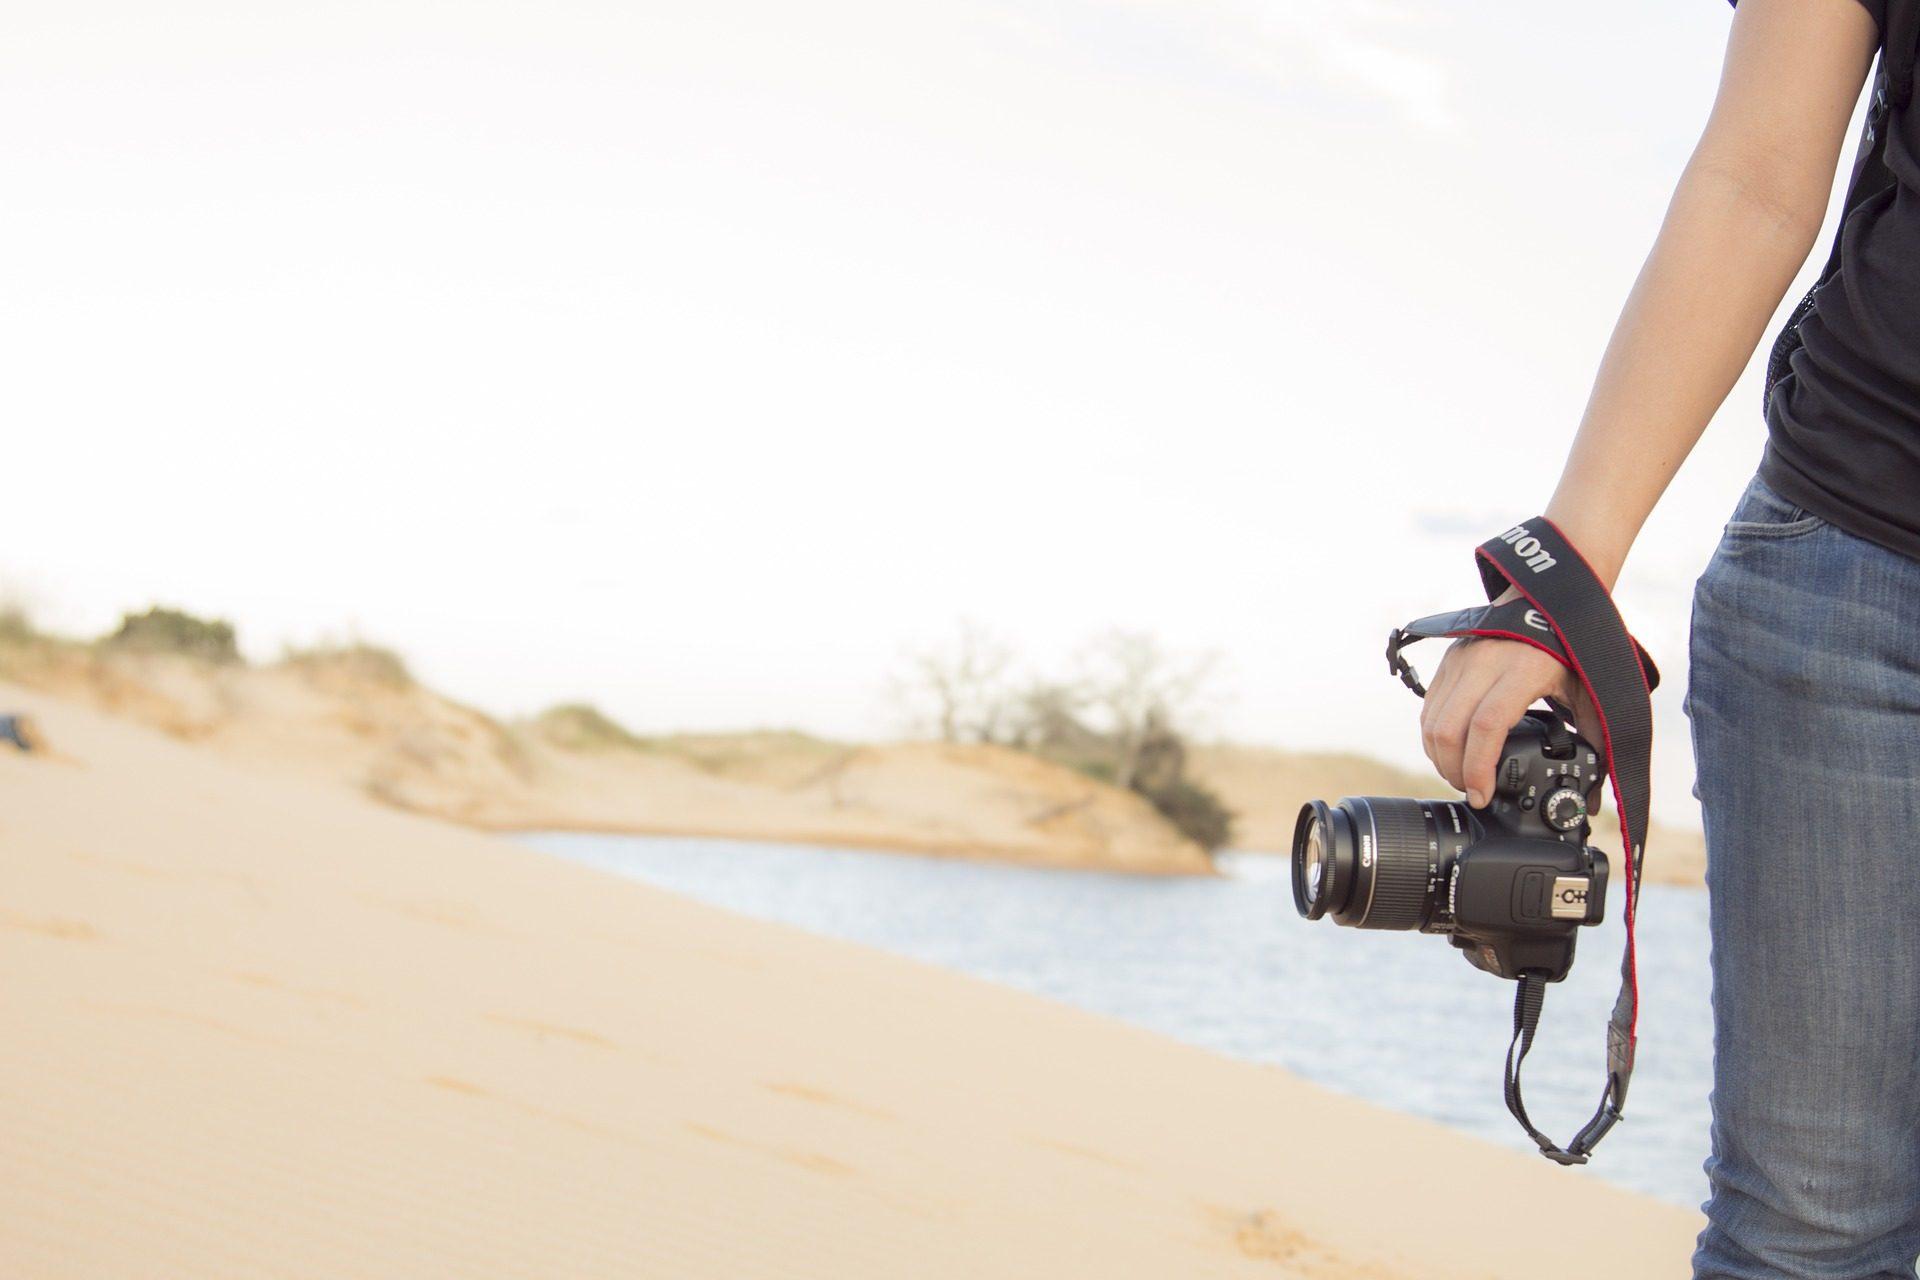 appareil photo, photographie, photographe, femme, Plage, eau - Fonds d'écran HD - Professor-falken.com